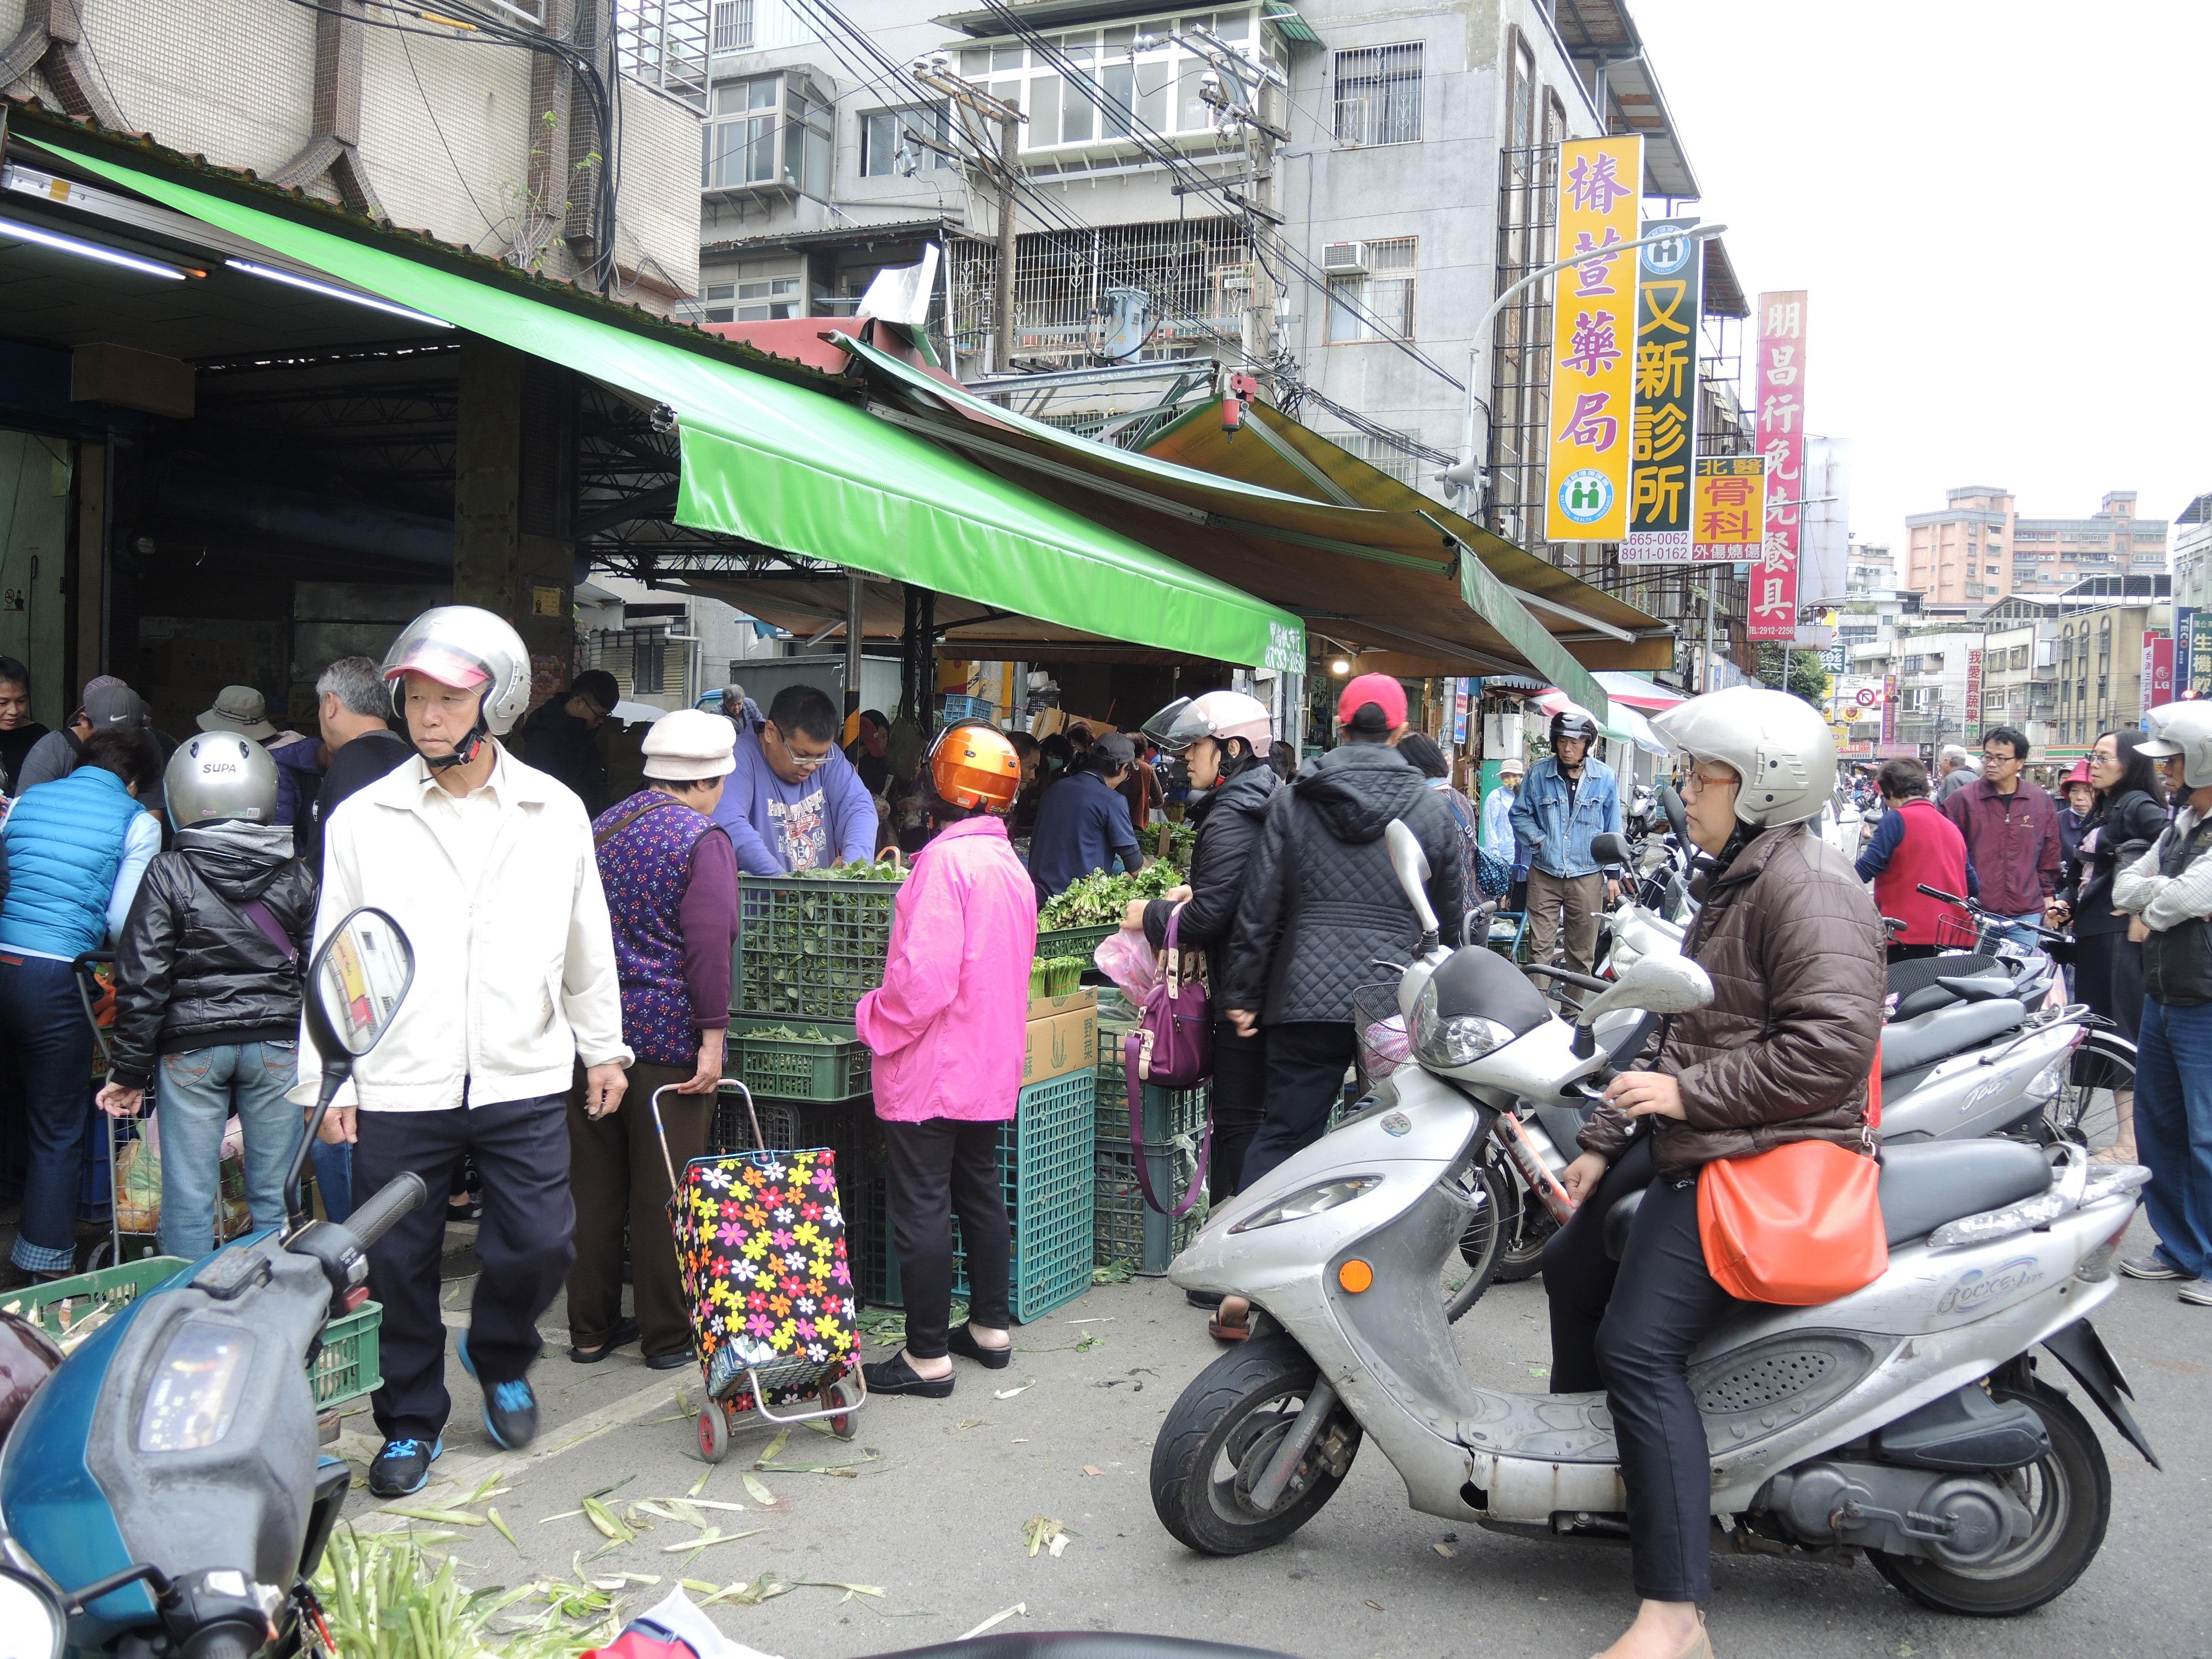 許多民眾貪圖方便把機車停在路旁到市場買菜。攝影/韋可琦